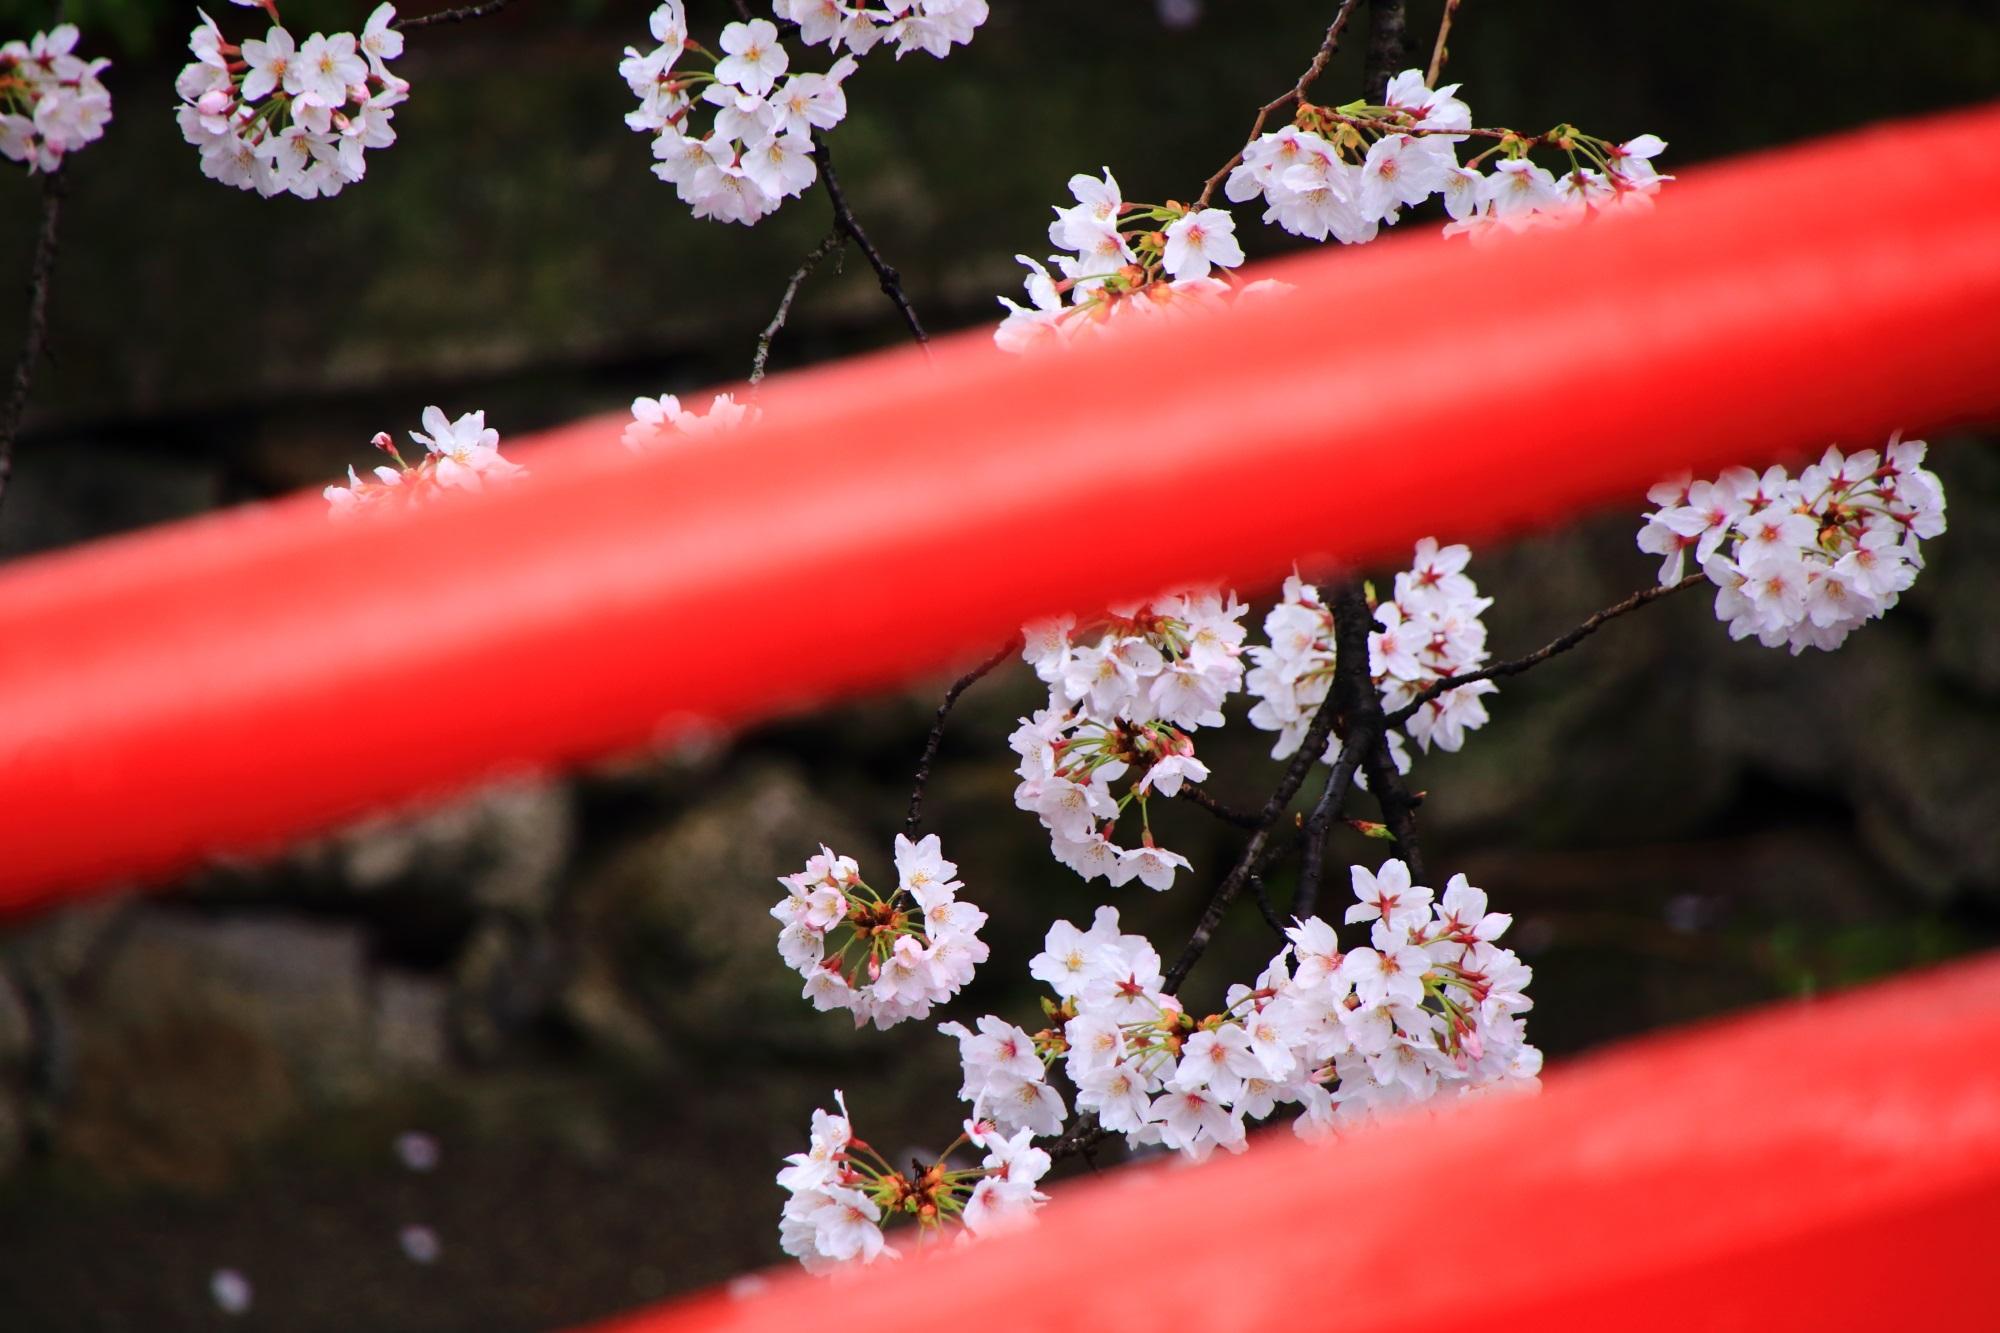 橋の赤い欄干から眺めた華やかな桜